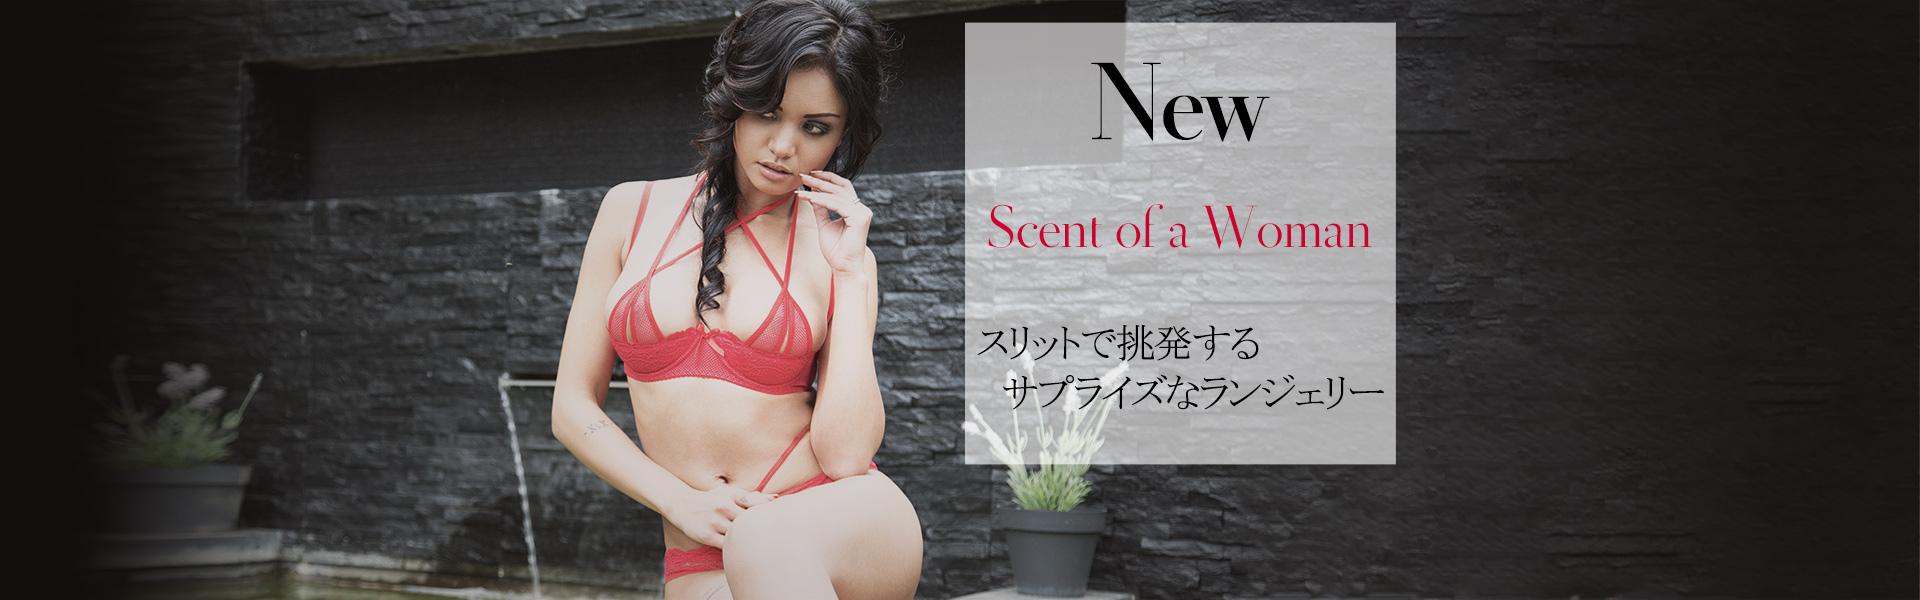 アクサミセクシー Scent of a Woman Collection